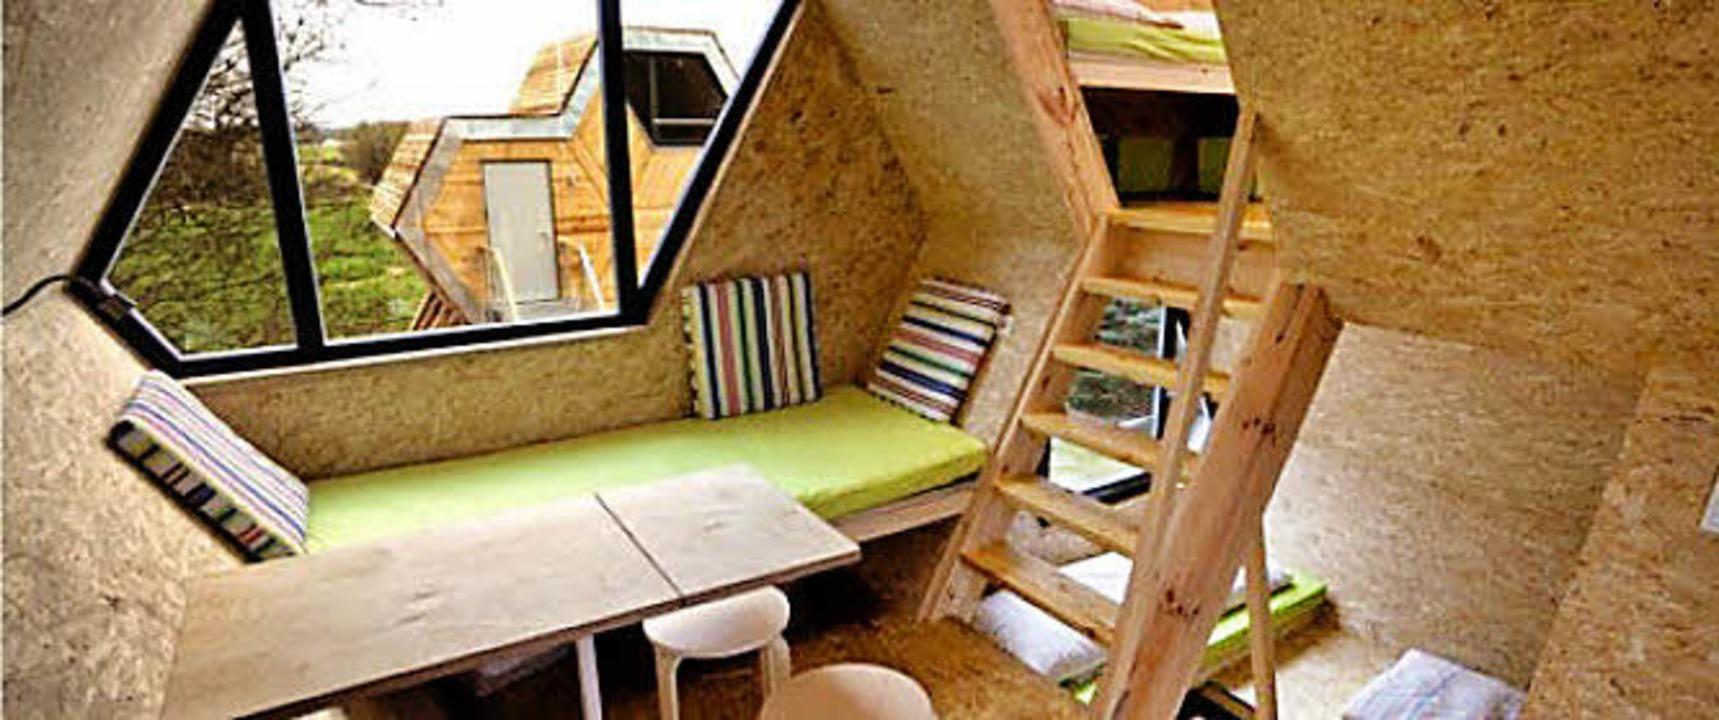 ungew hnliche jugendherbergen schlafen mal anders reise badische zeitung. Black Bedroom Furniture Sets. Home Design Ideas